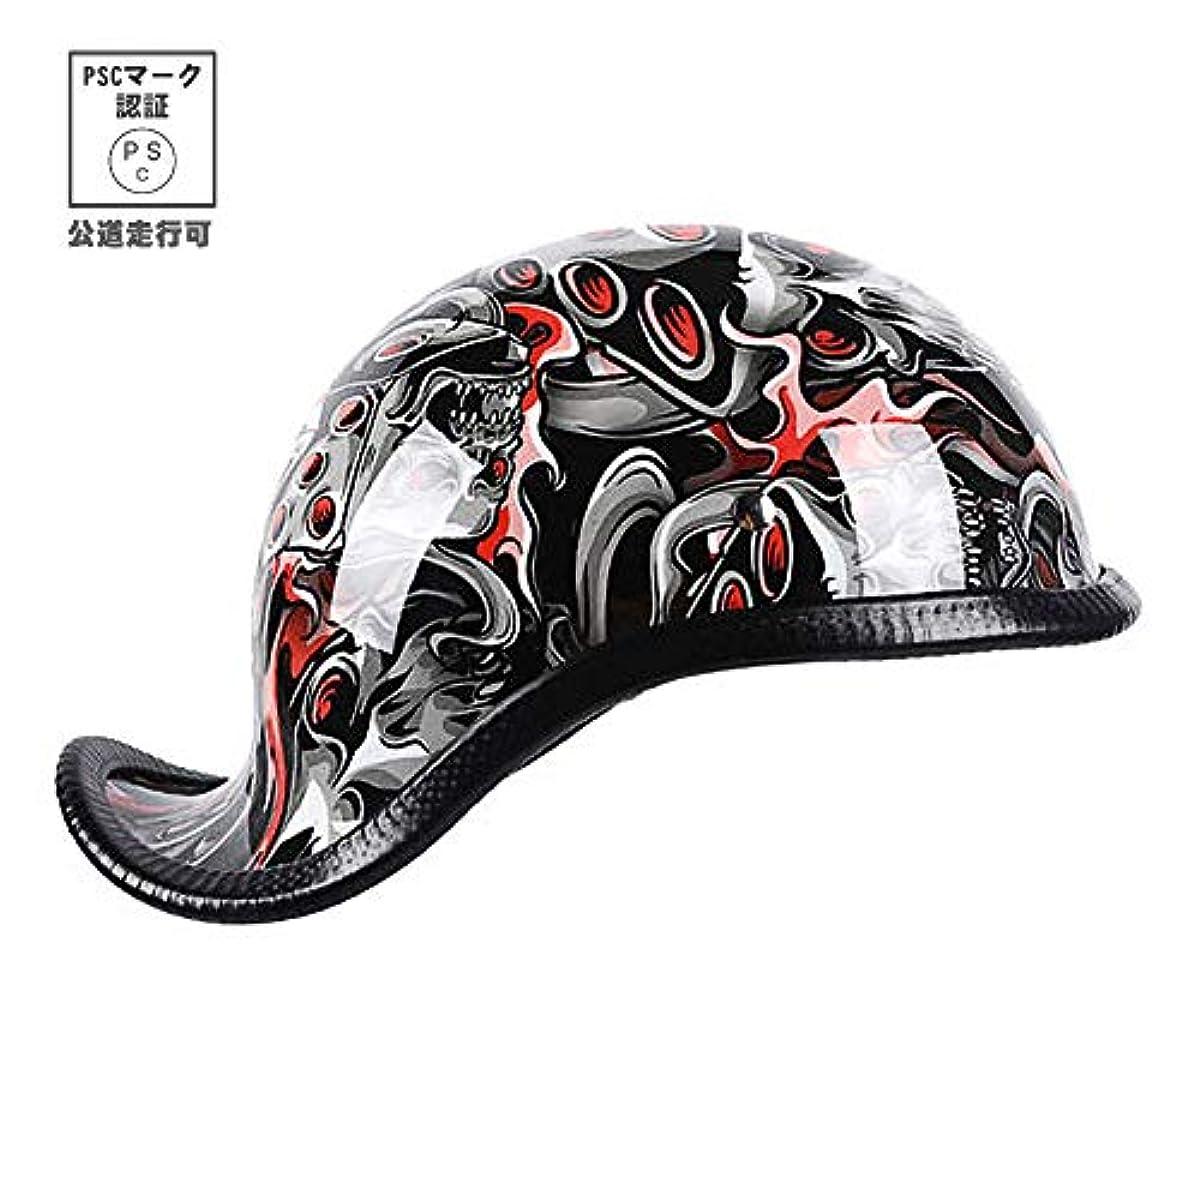 [해외] RAFERIAMYC 오토바이 헬멧 3D프린트반 모퍼터입 헬멧 덕 테일 헬멧 미국풍 오토바이 할리 헬멧 (레드 유령(A10), L (머리위 58CM~59CM미만))